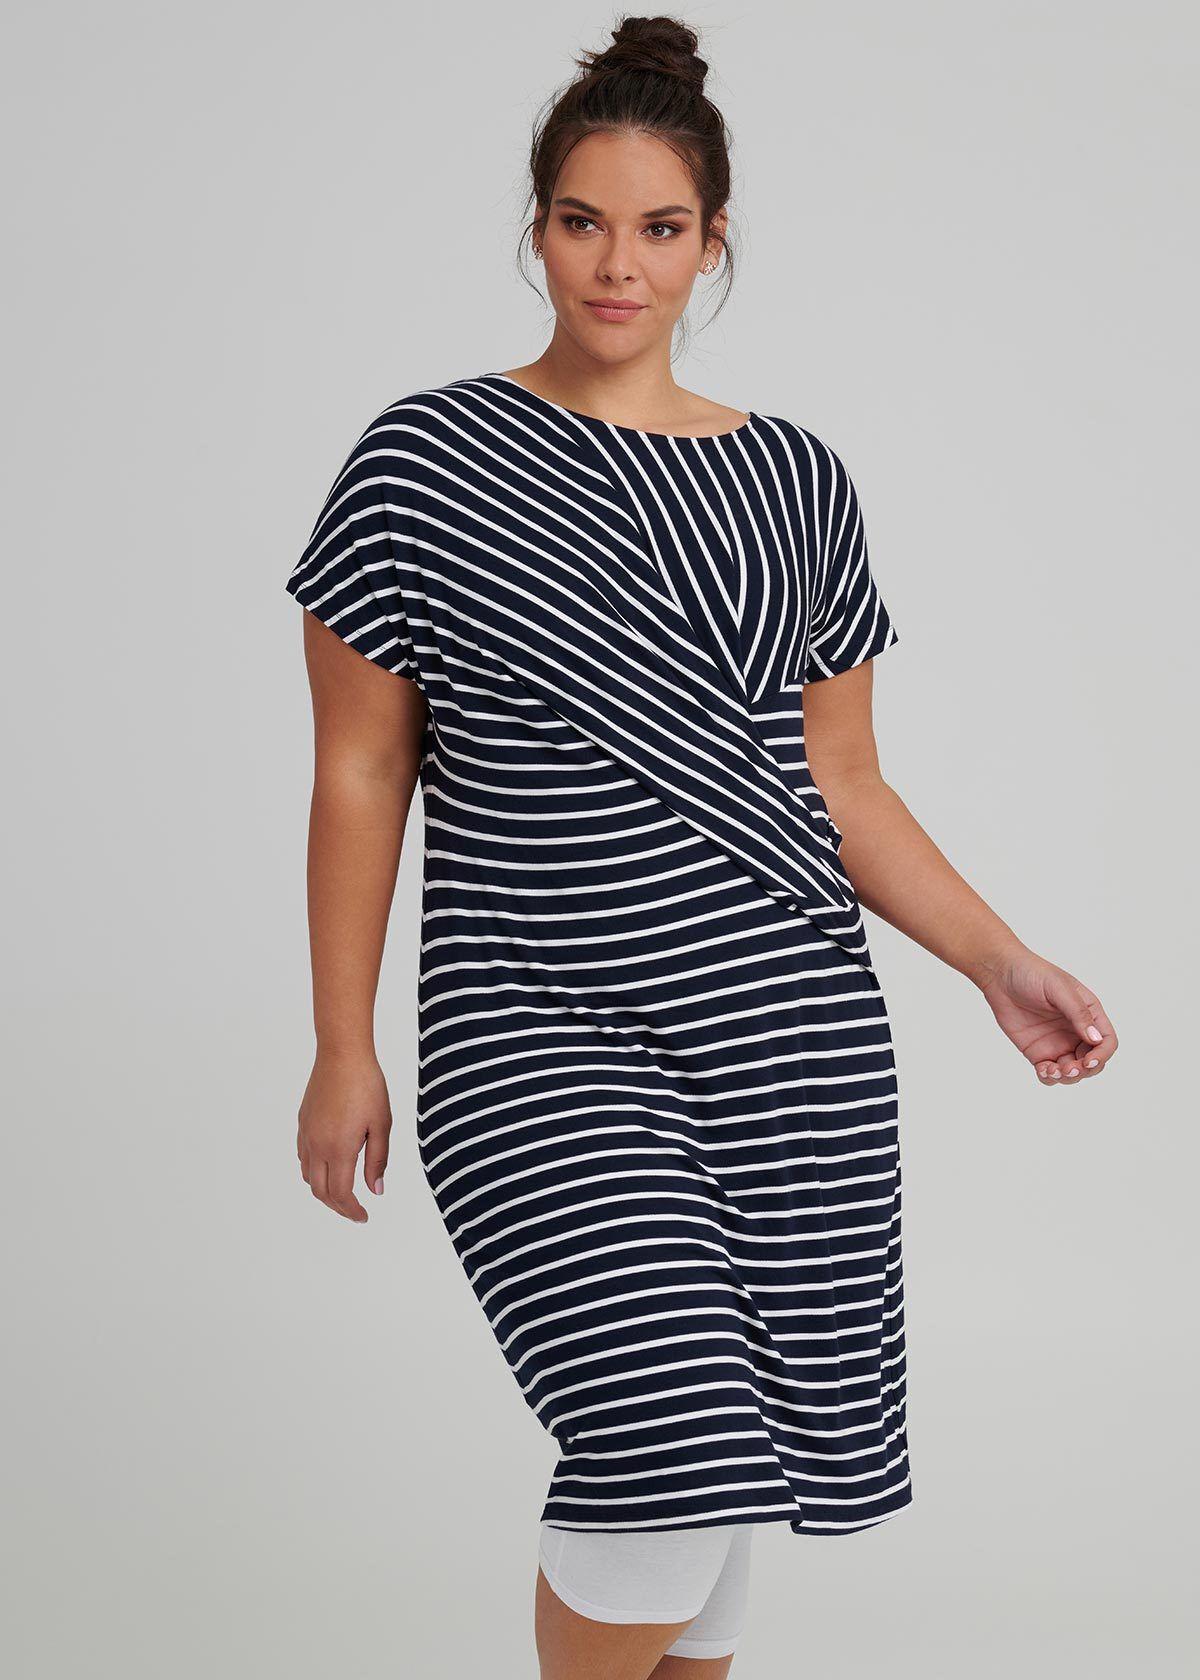 Drapy Stripe Shift Dress